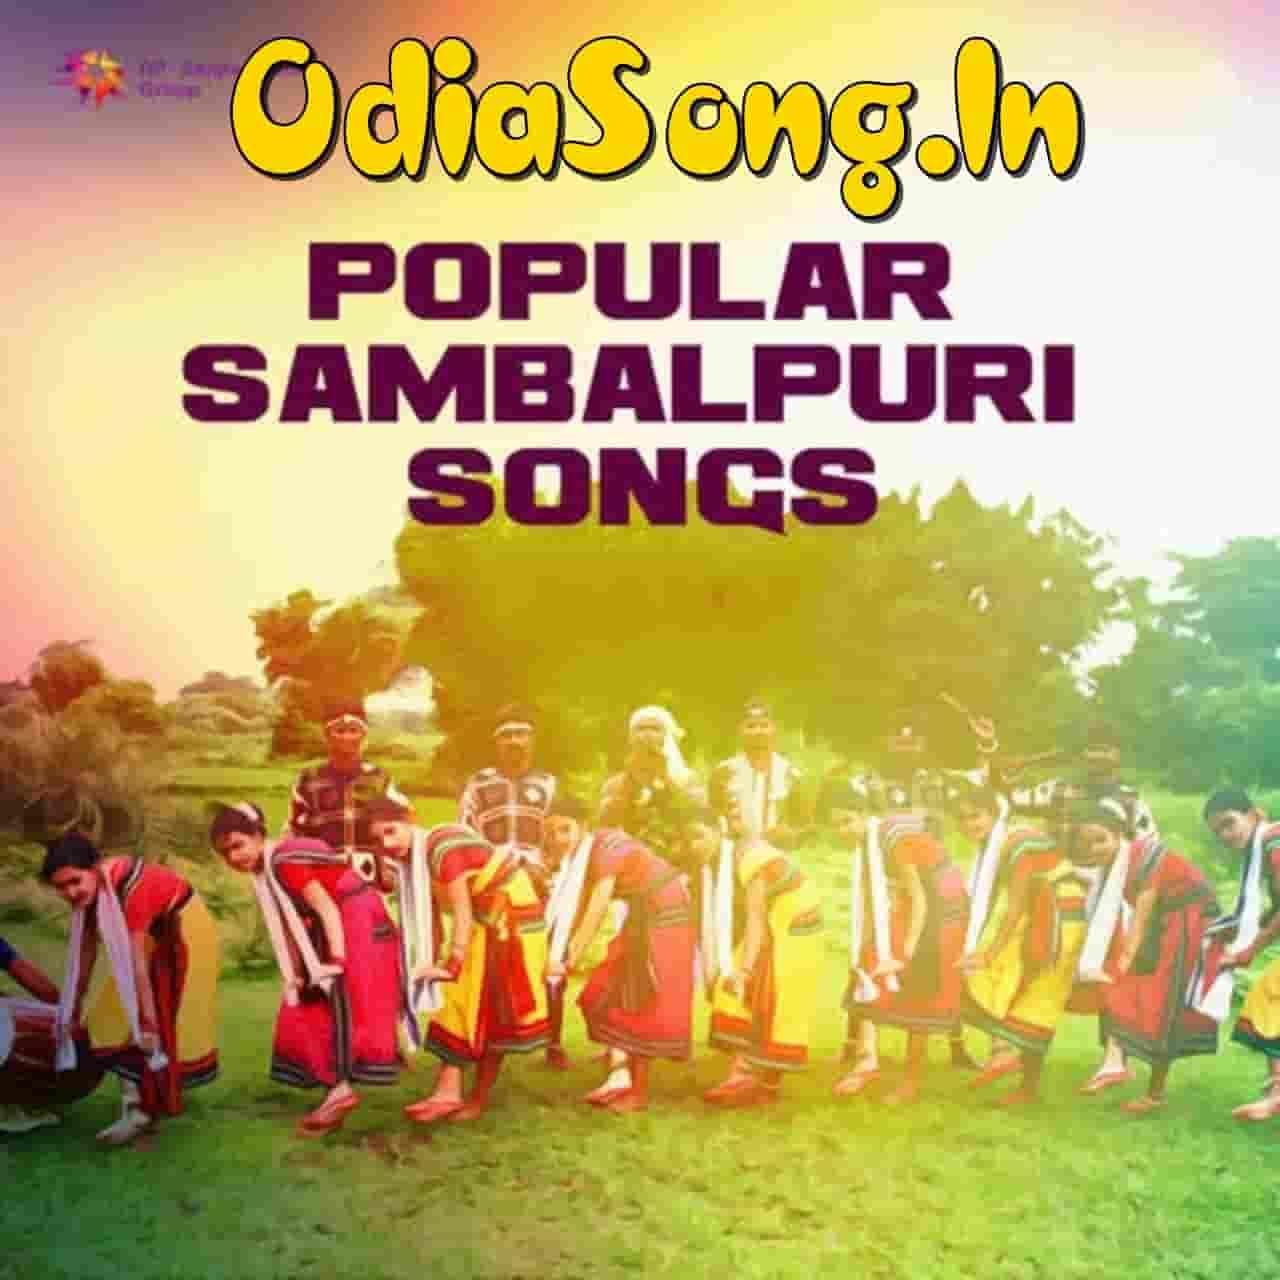 Rahi Kari Khabar Deochhu (Karansing, Manbi) Sambalpuri Gaana